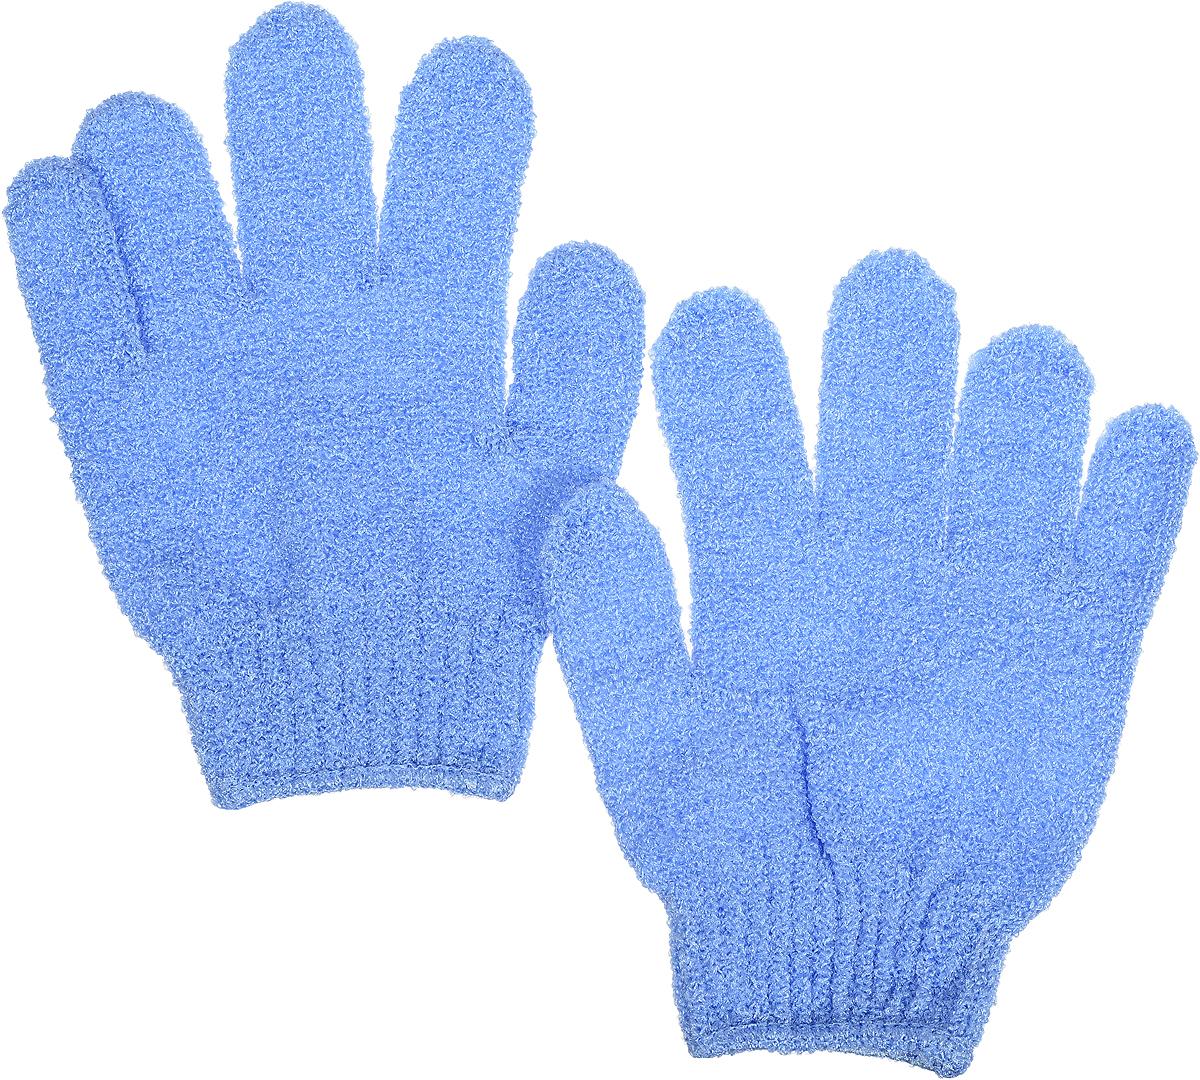 Перчатка массажная The Body Time, цвет: синий, 17,5 х 12,5 см, 2 шт57201_синийМассажная перчатка The Body Time, выполненная из полиэстера, прекрасно массирует и очищает кожу, повышает ее тонус, улучшает циркуляцию крови и обмен веществ. Обладая эффектом скраба, перчатка мягко отшелушивает верхний слой эпидермиса, стимулируя рост новых молодых клеток, делая кожу здоровой и красивой. Перчатка используется для душа или для массажных процедур.